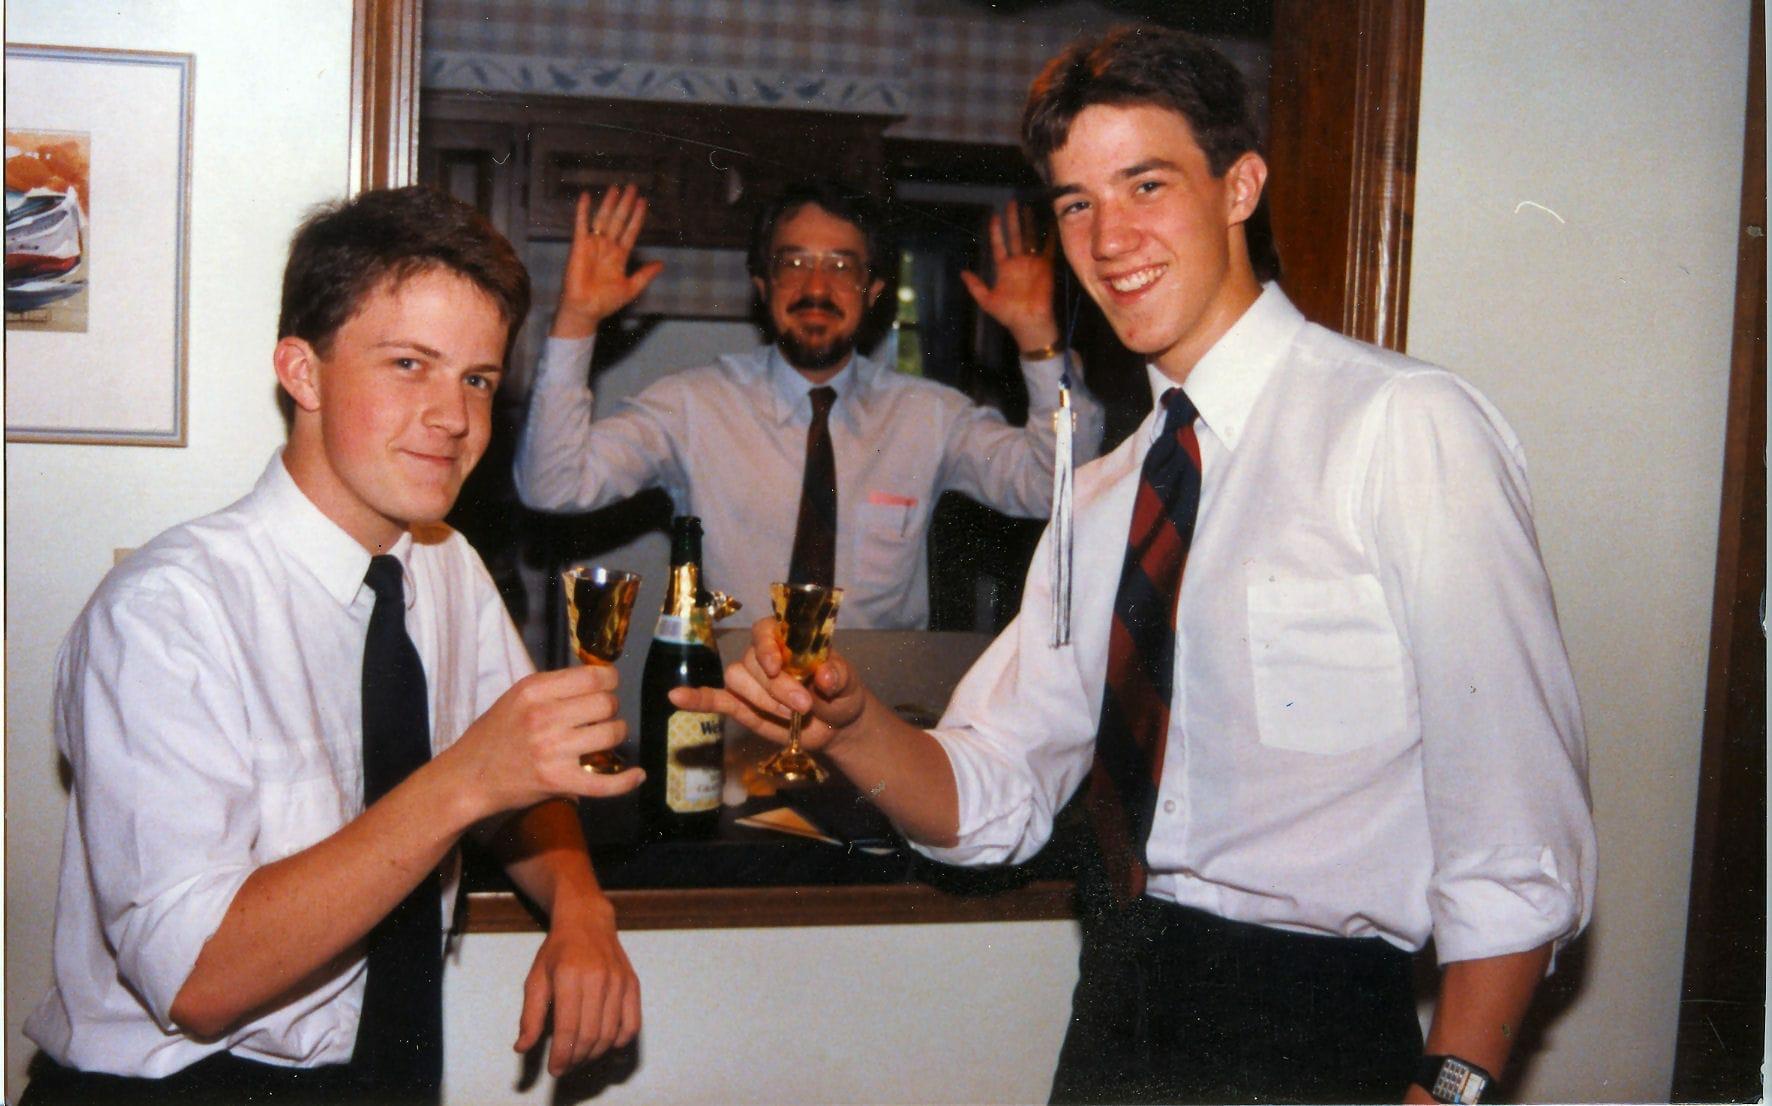 David Matt and Matt's Dad